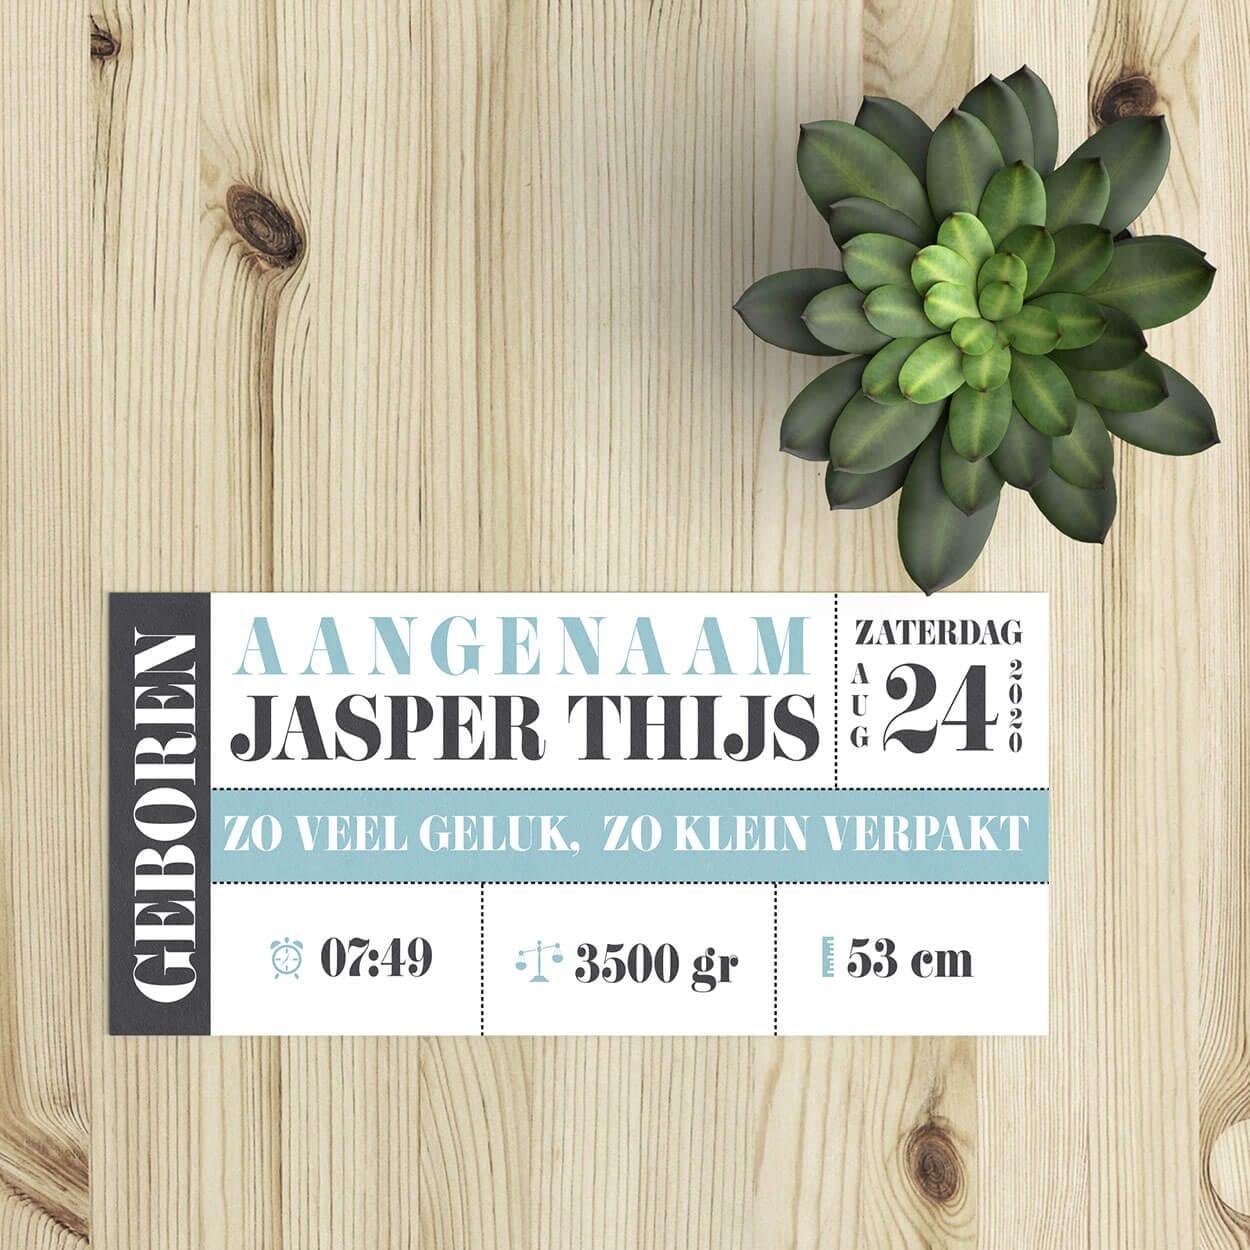 Eenvoudig en overzichtelijk ontwerp, geboortekaartje Toegangsbiljet biedt een eigentijdse insteek in combinatie met zachte pastelkleuren.